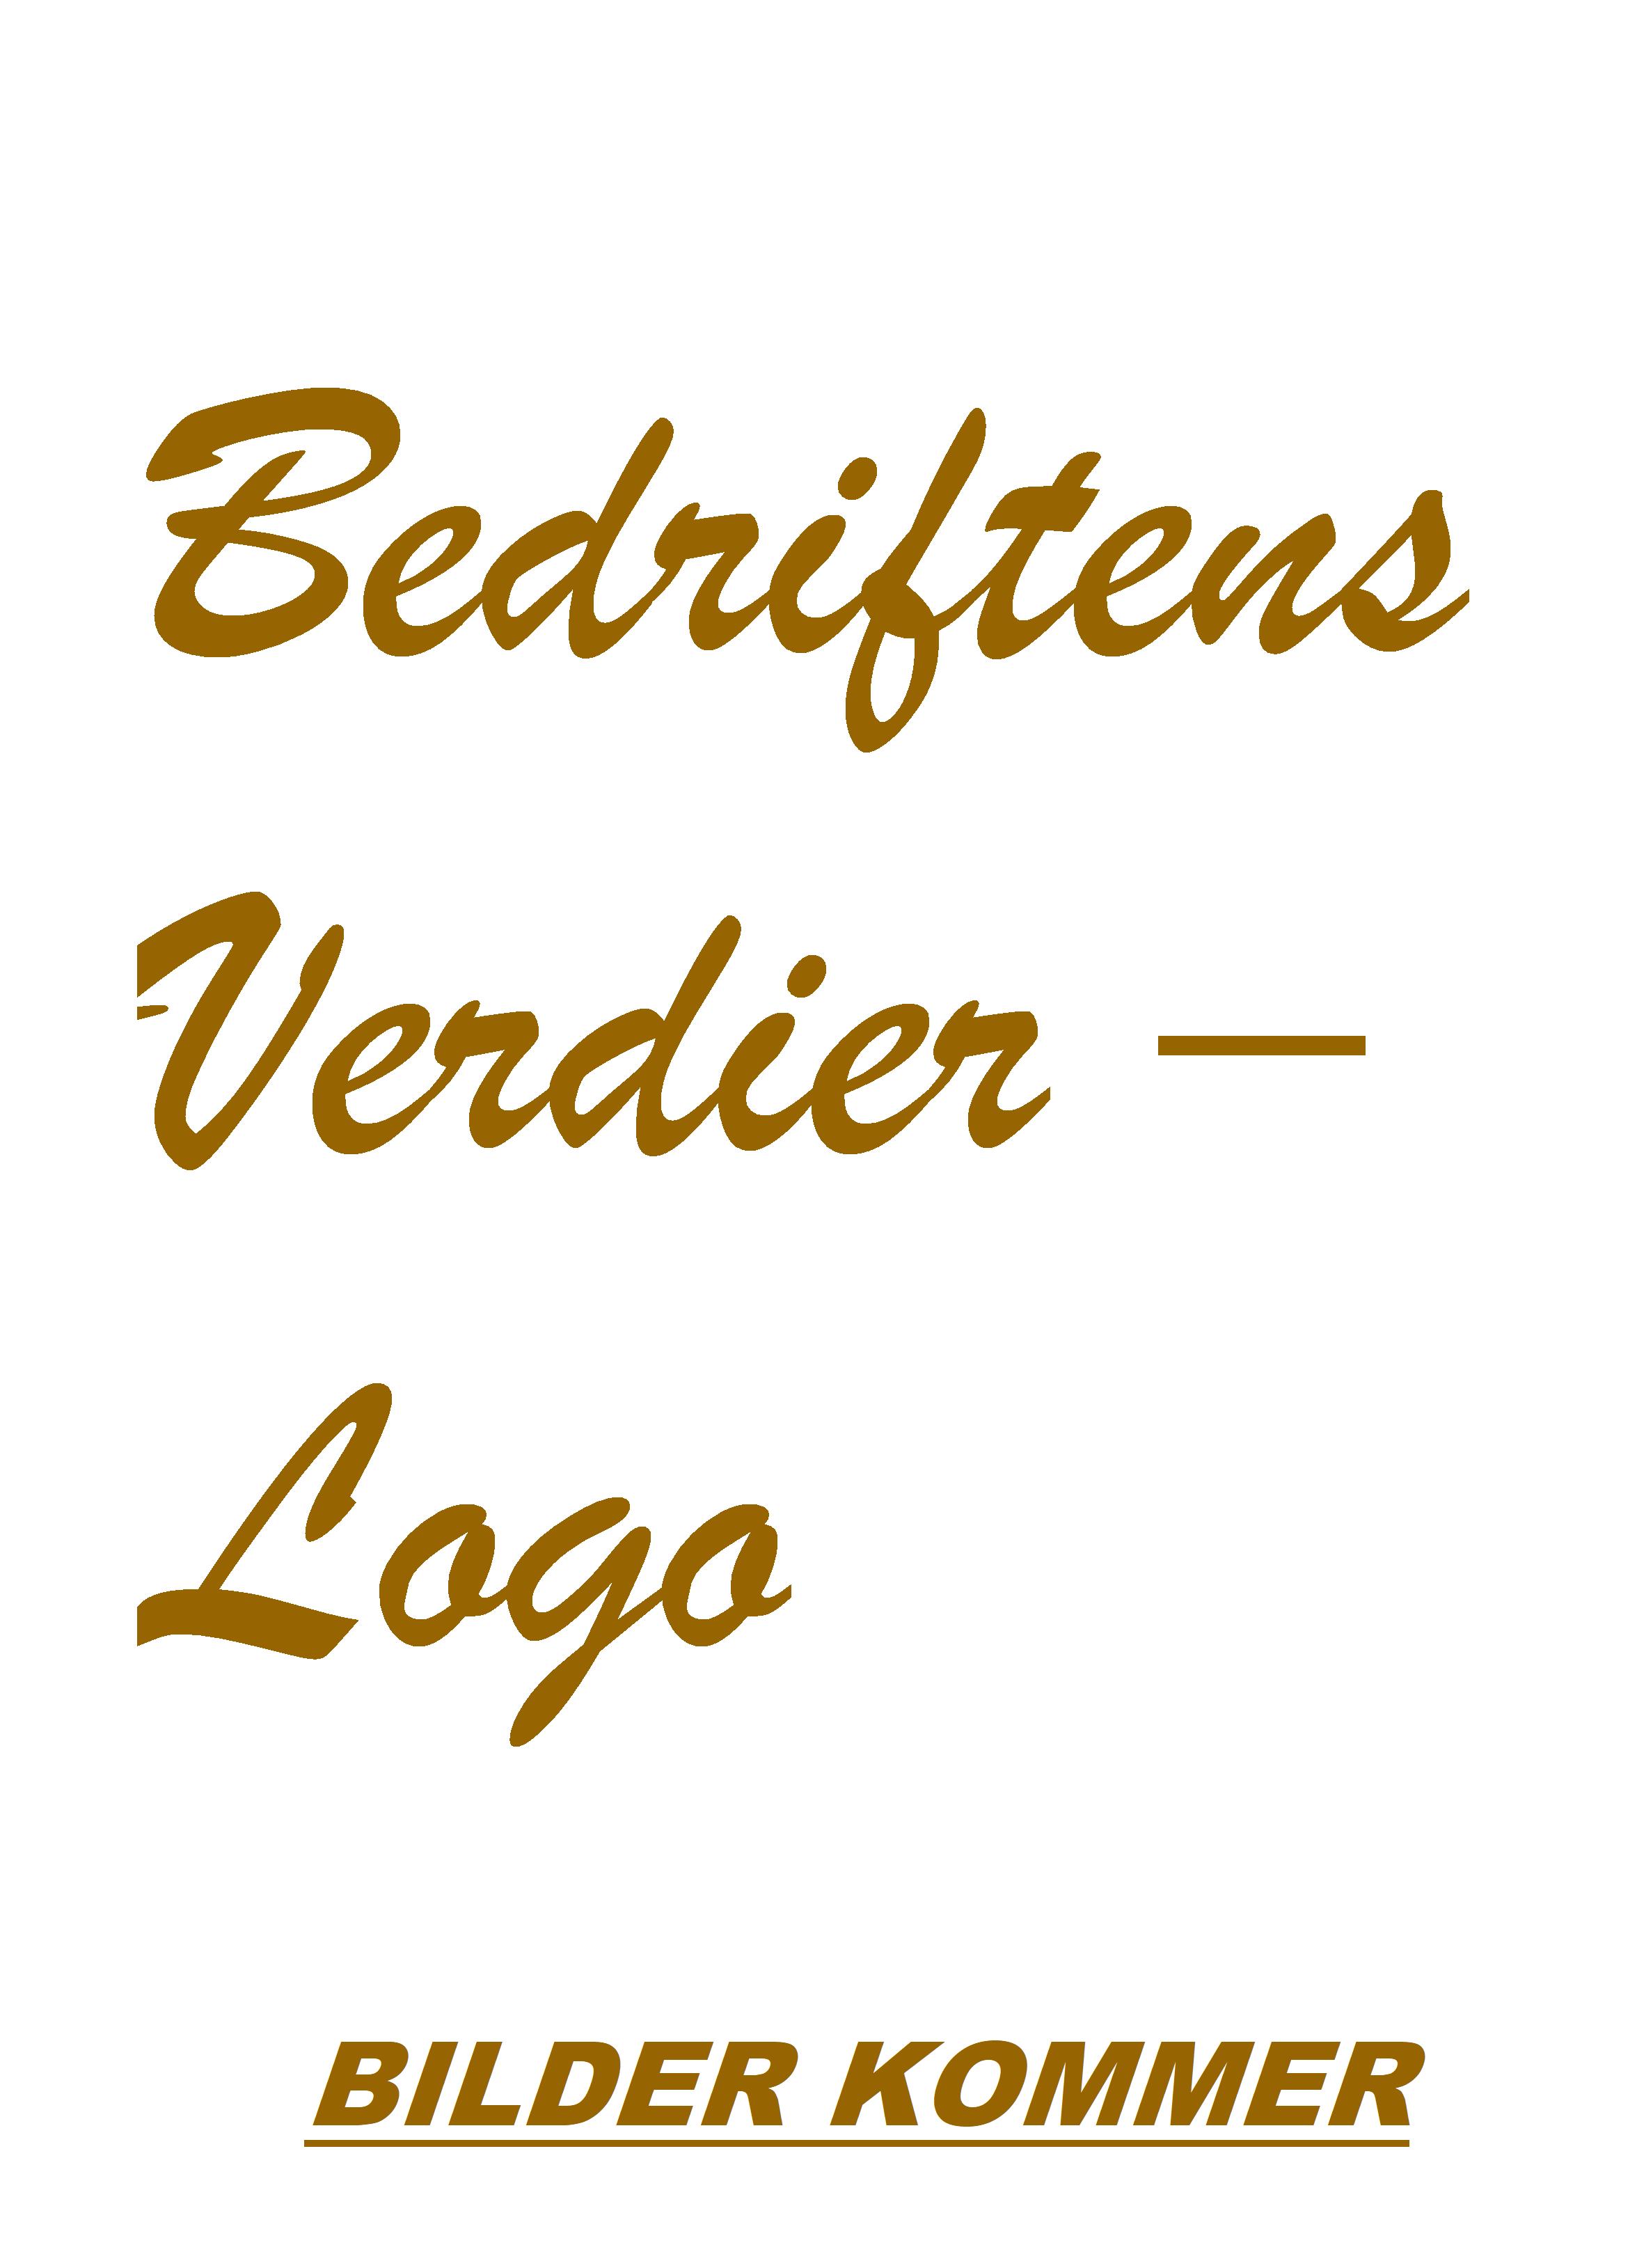 bedriftens verdier - logo